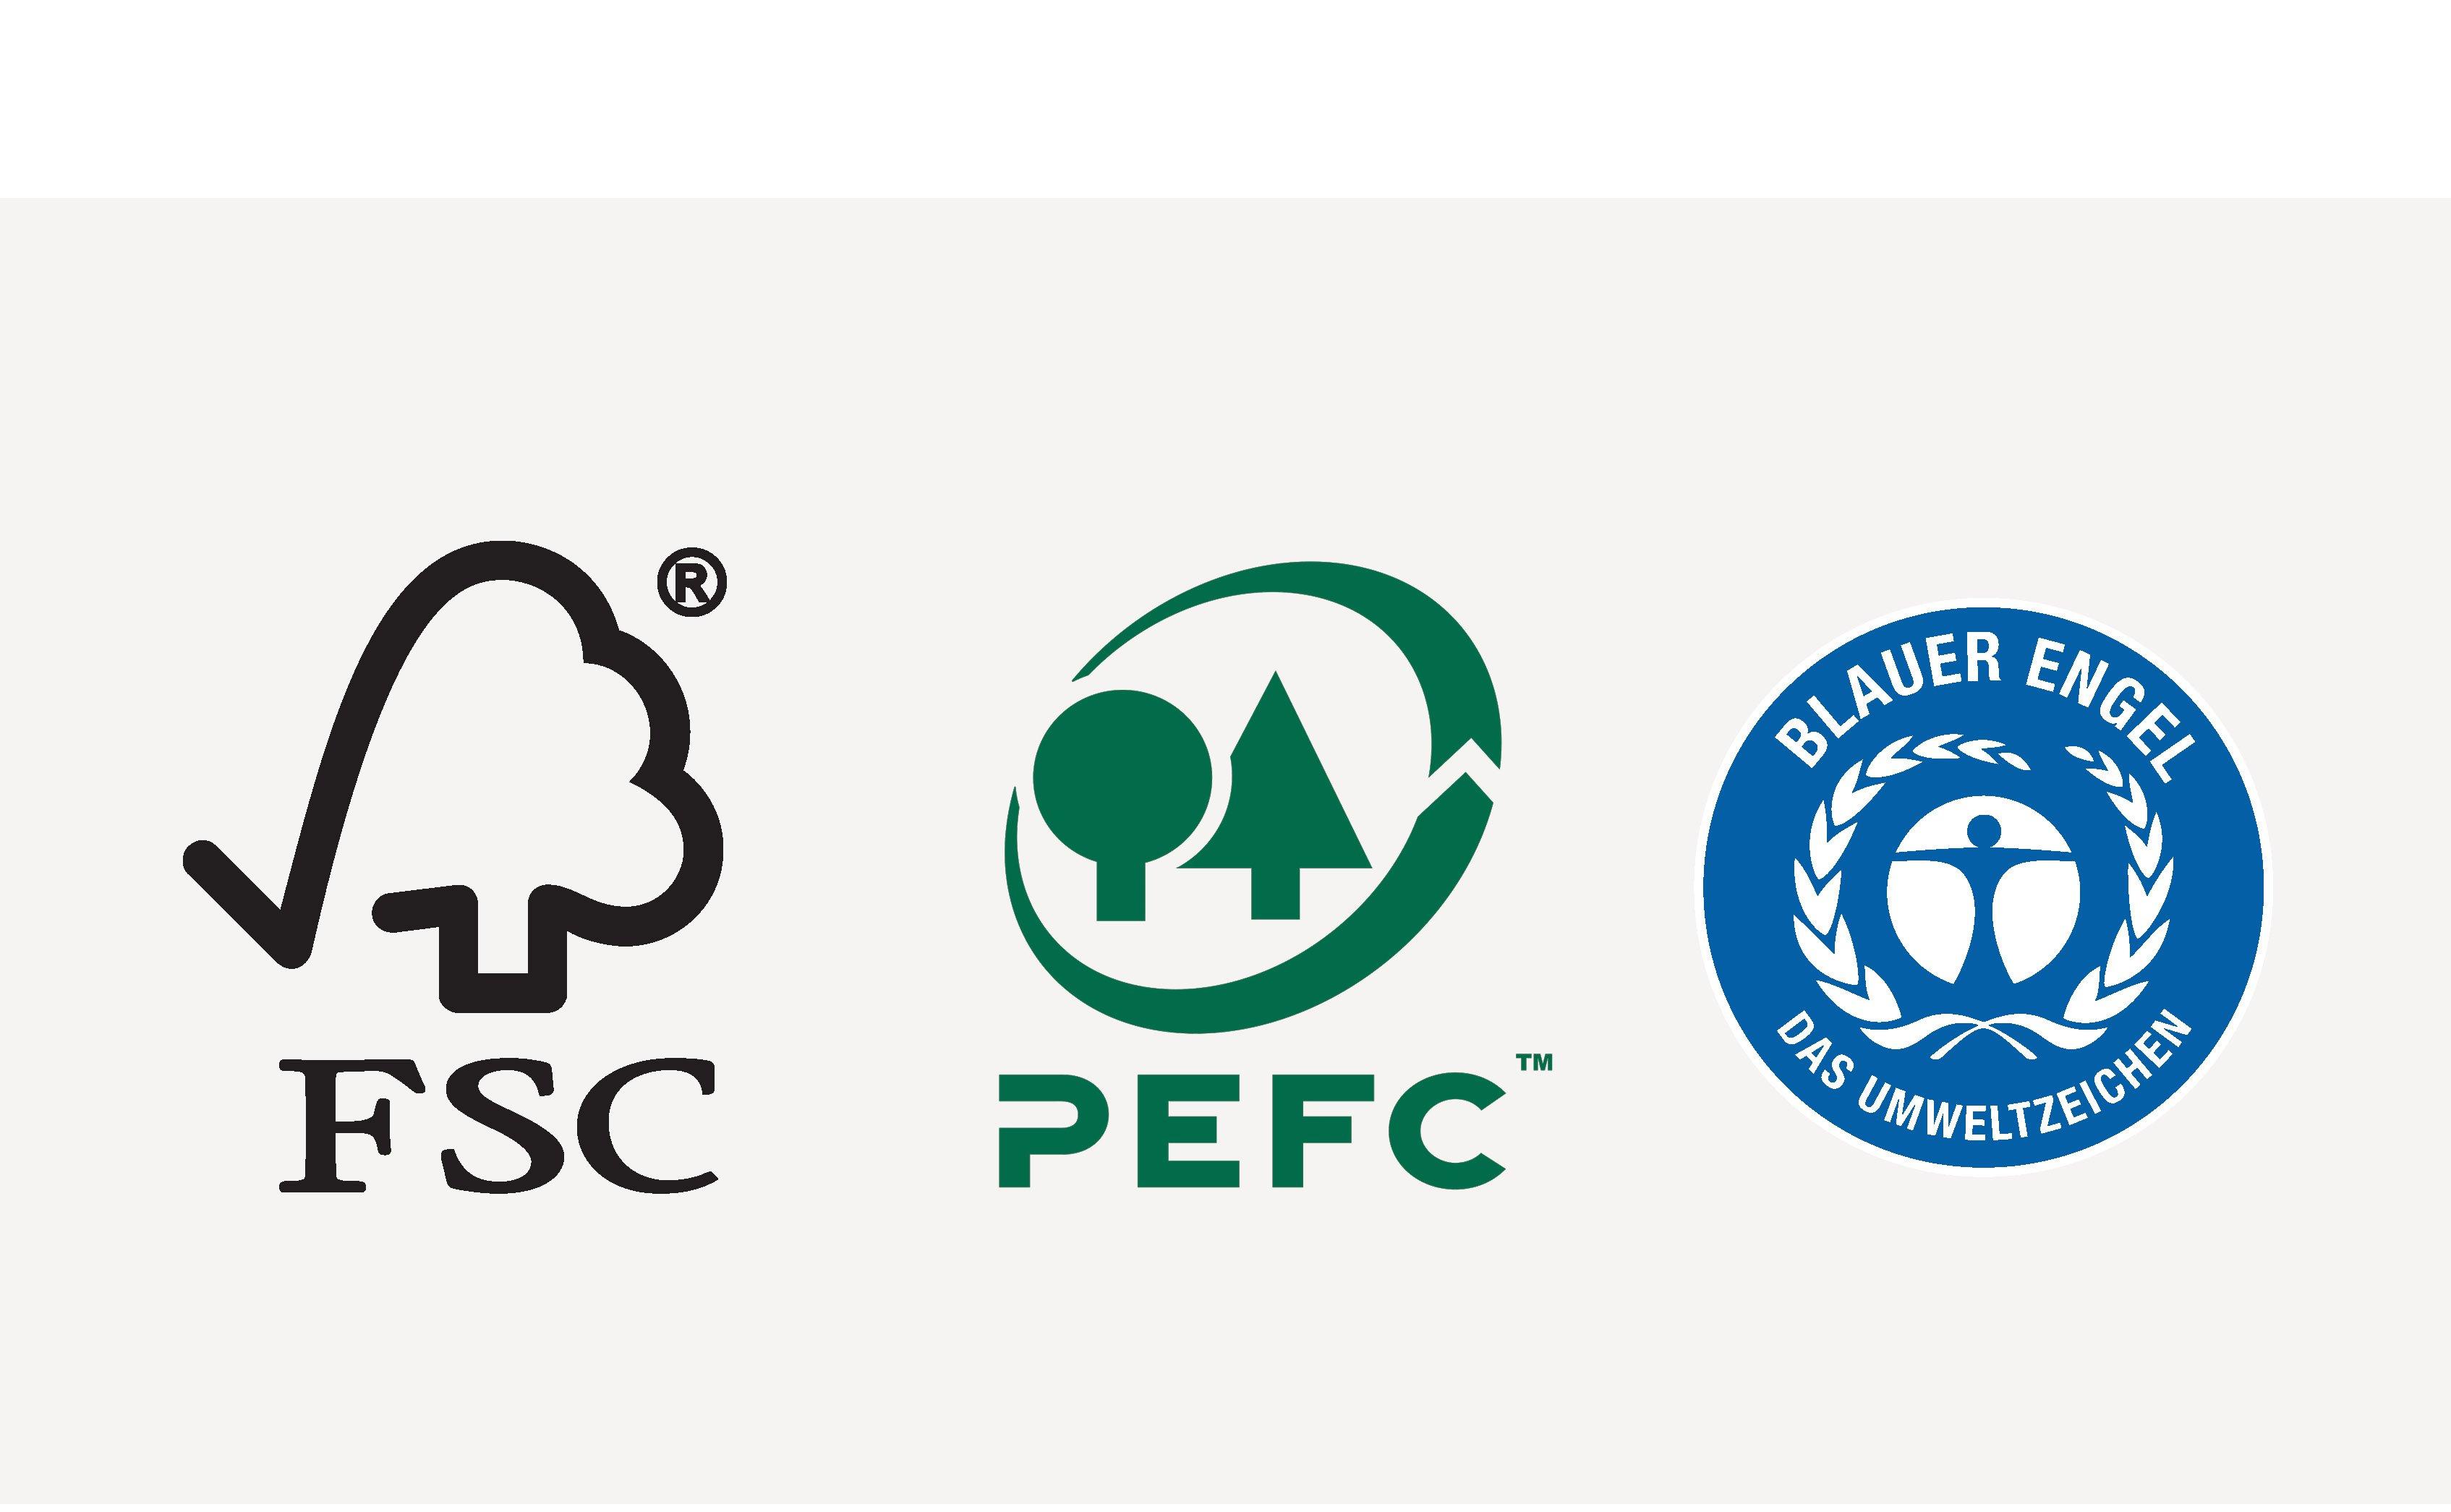 brandbook_logo_zertifikate.jpg